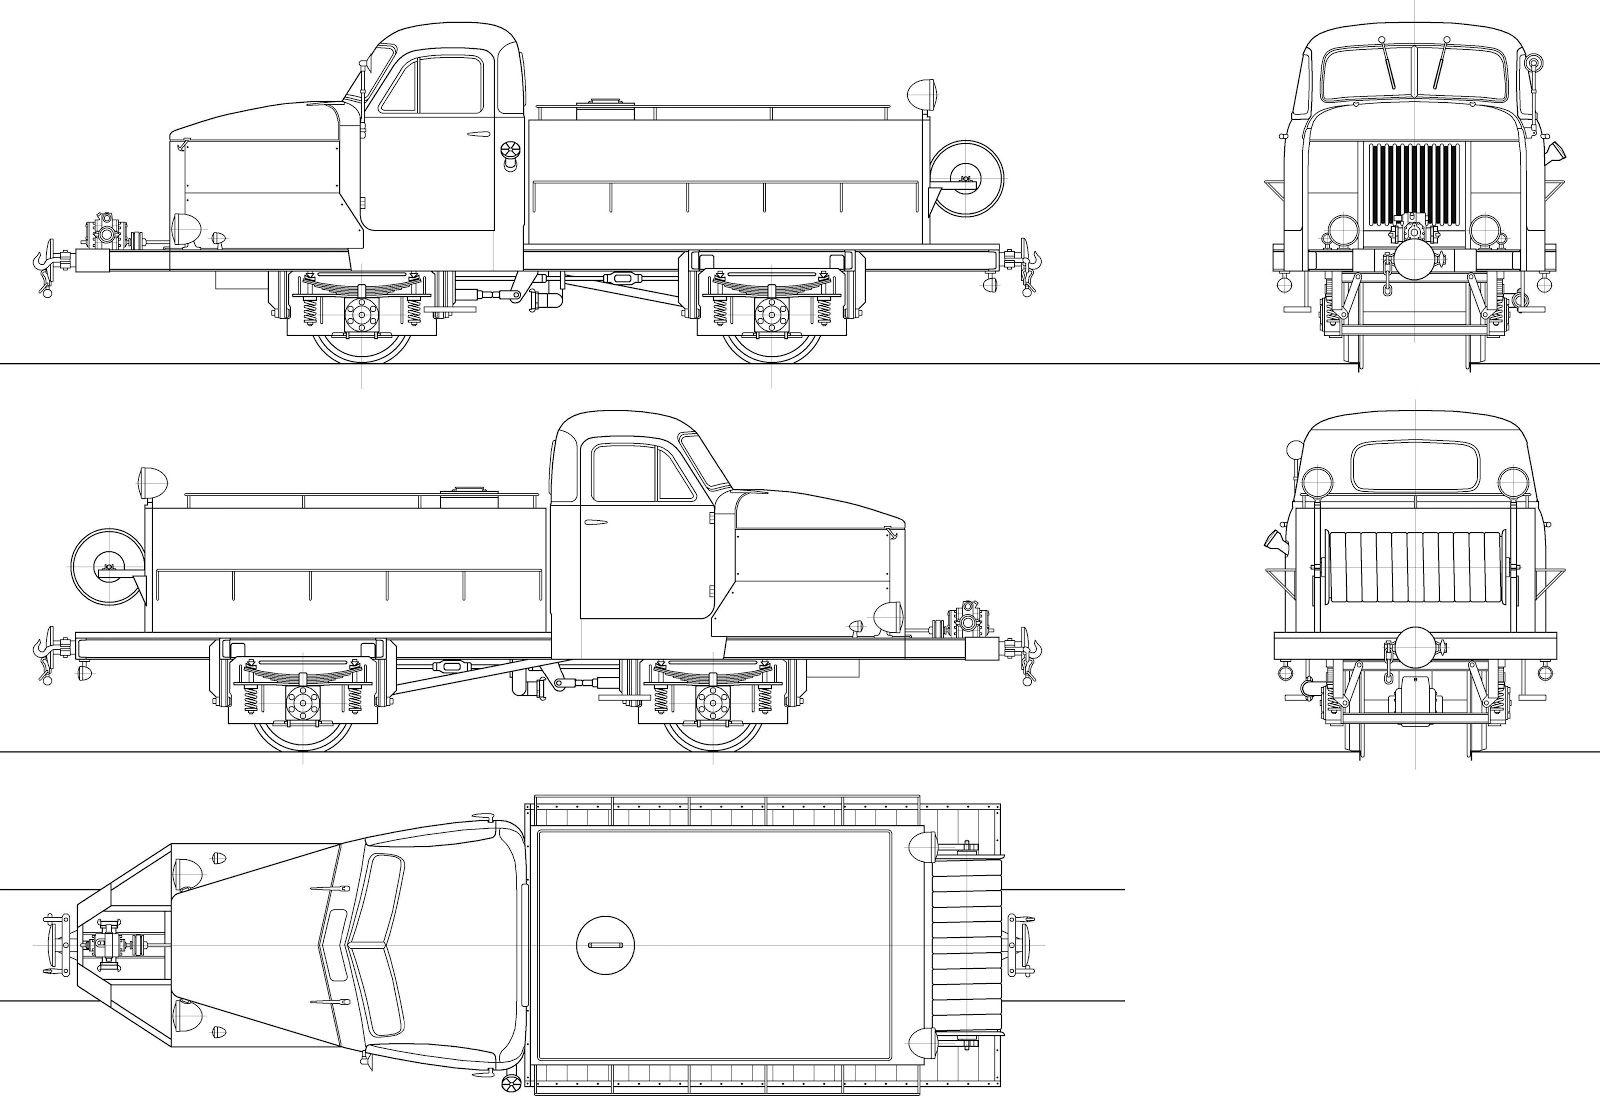 small resolution of blog dedicated to narrow gauge railway modeling blog dedicado ao modelismo ferrovi rio em via estreita